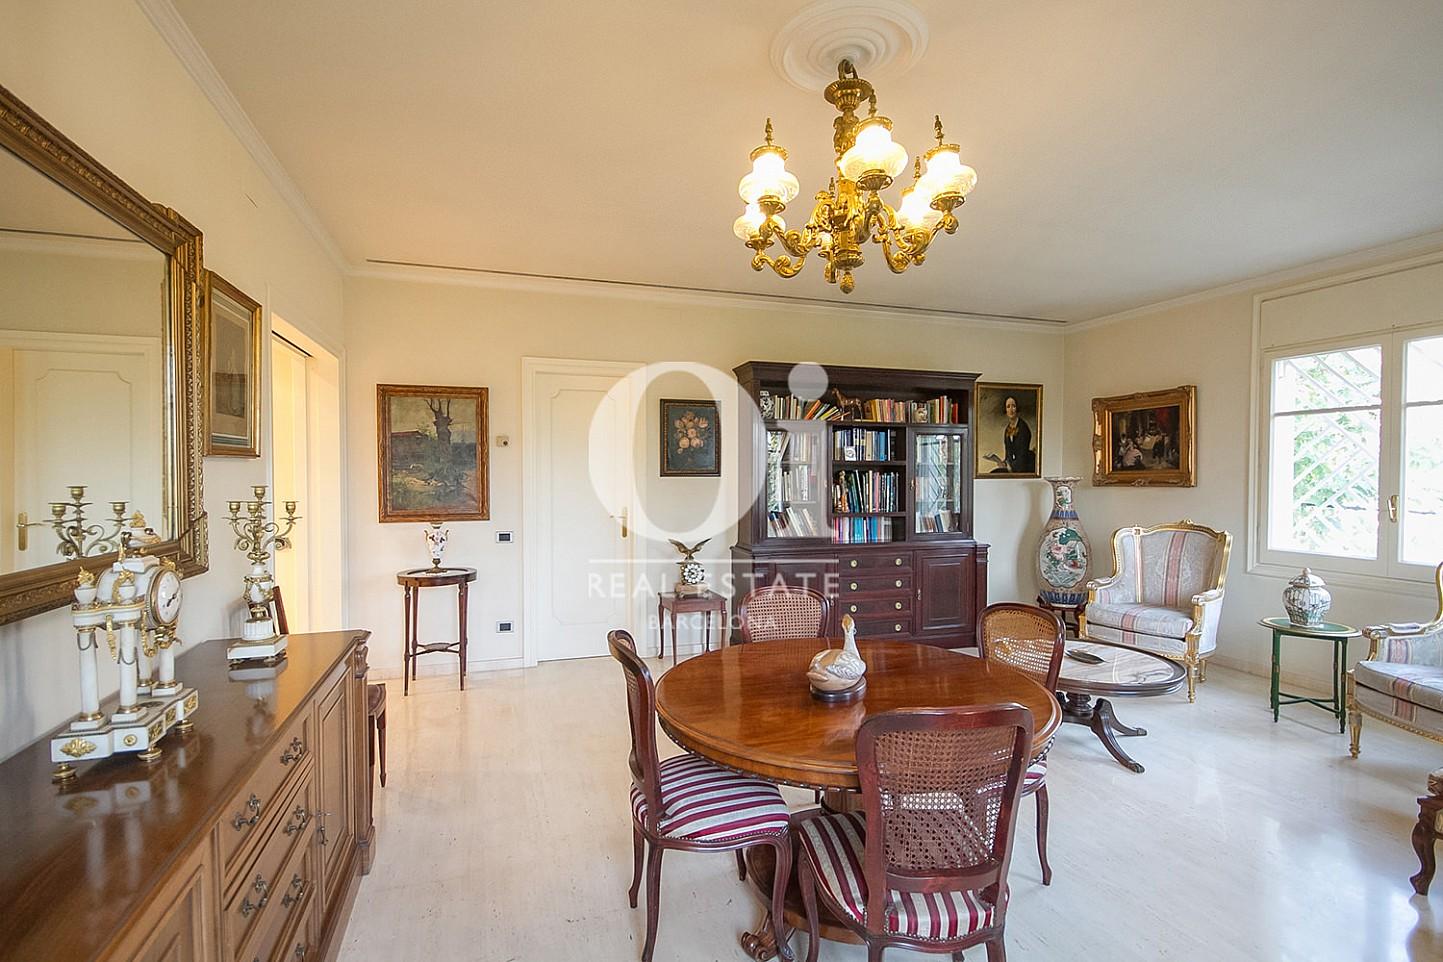 Grande salle à manger dans une maison en vente à La Bonanova